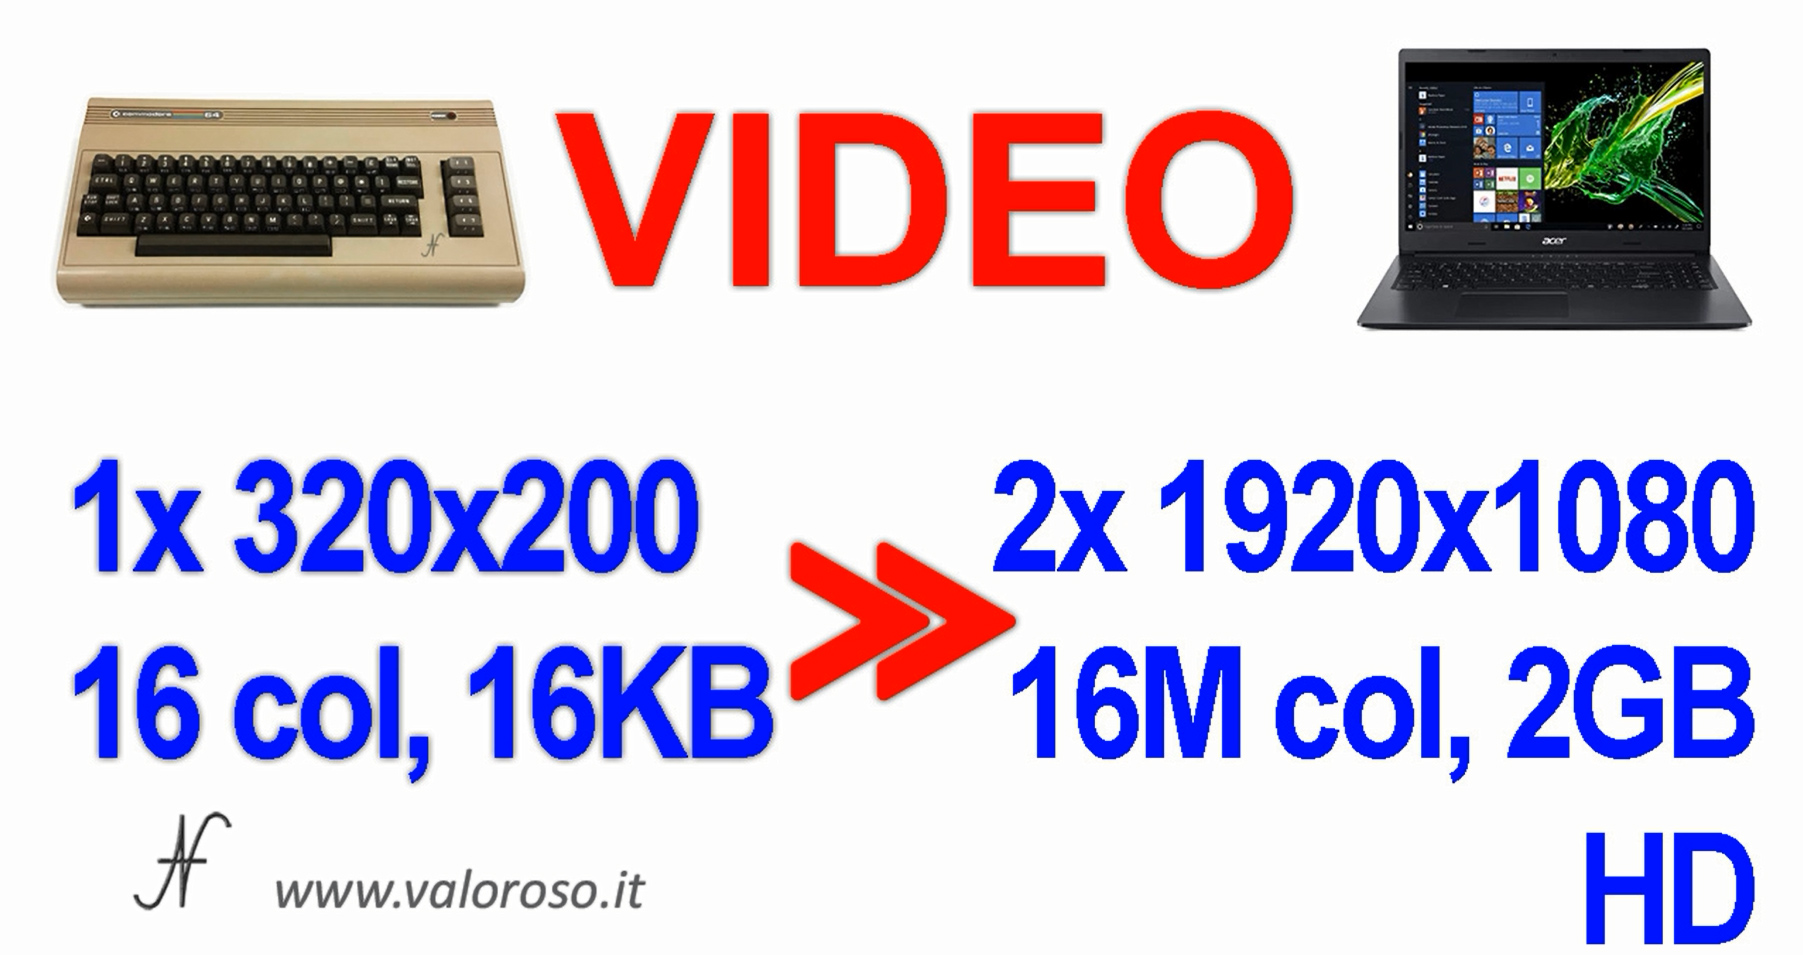 Commodore Vs PC moderno, paragone VIC II, scheda video HD